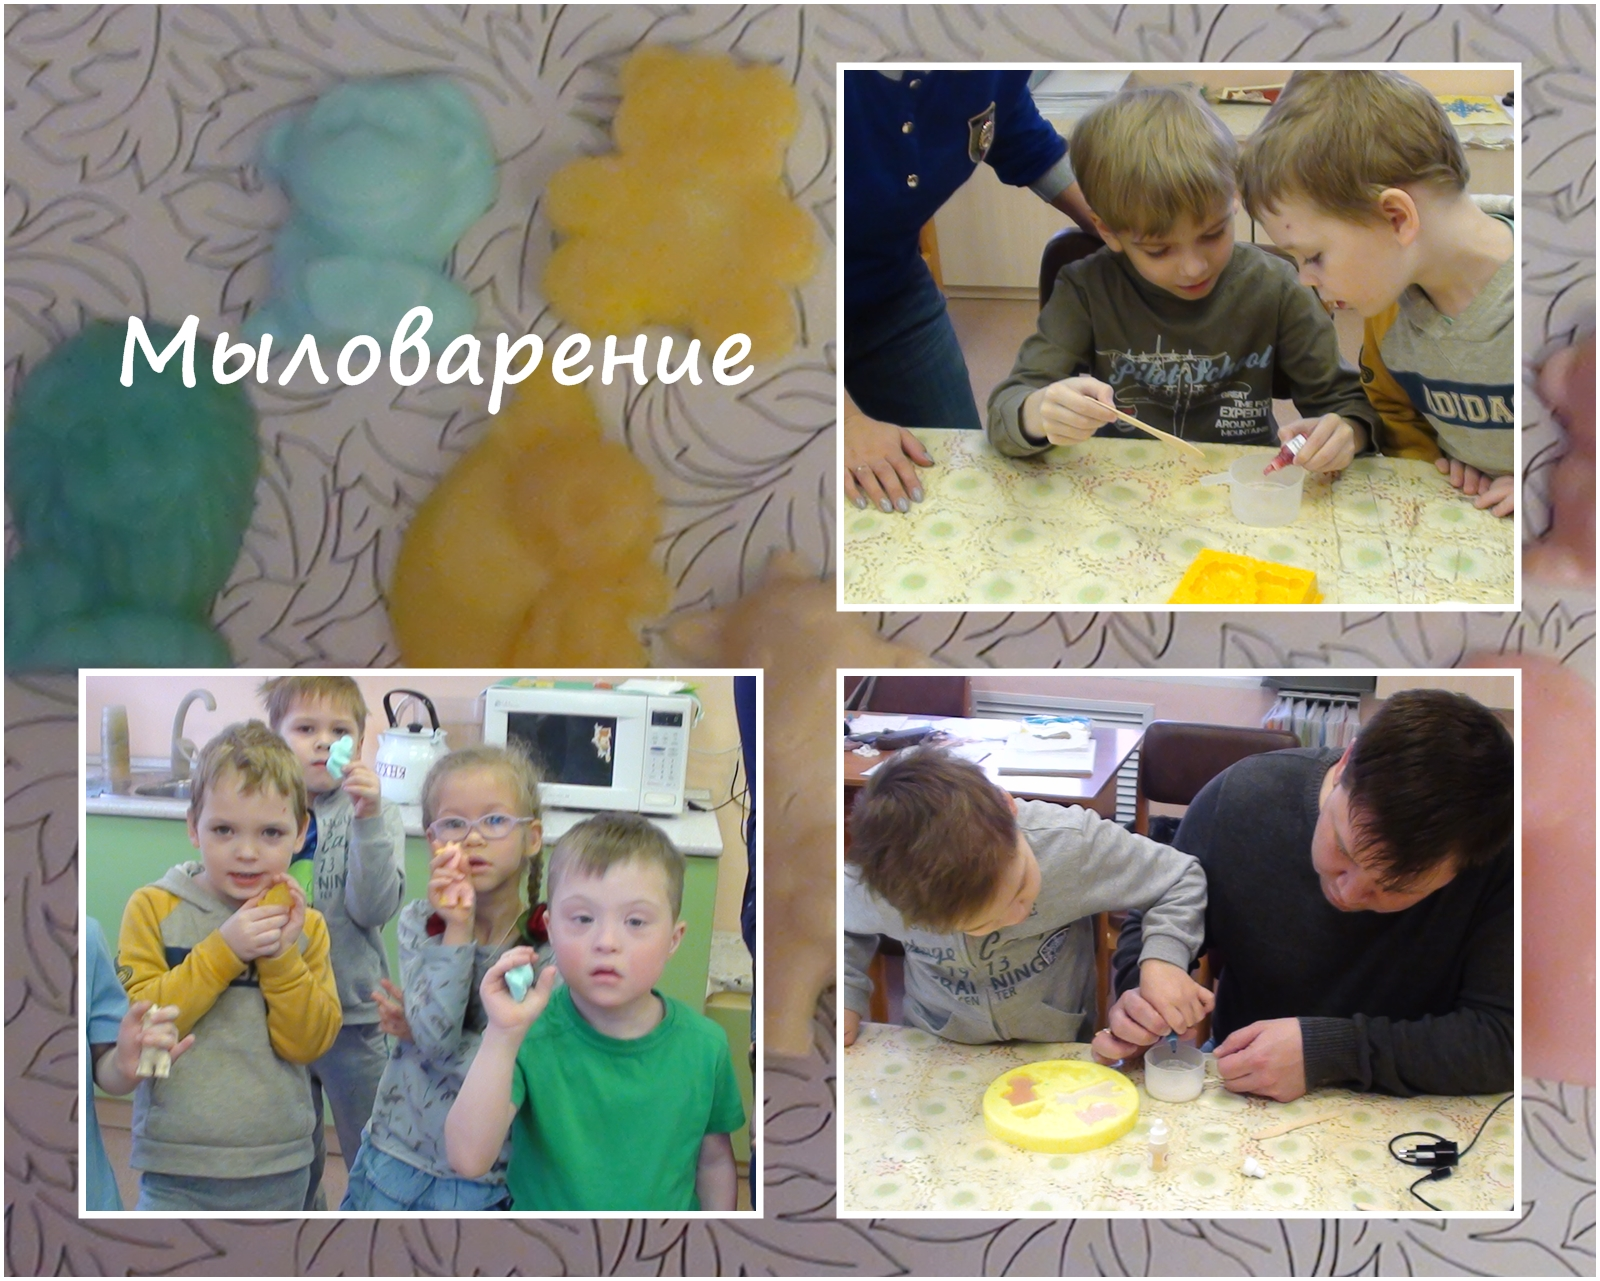 Мыловарение, реабилитация инвалидов, Пермь